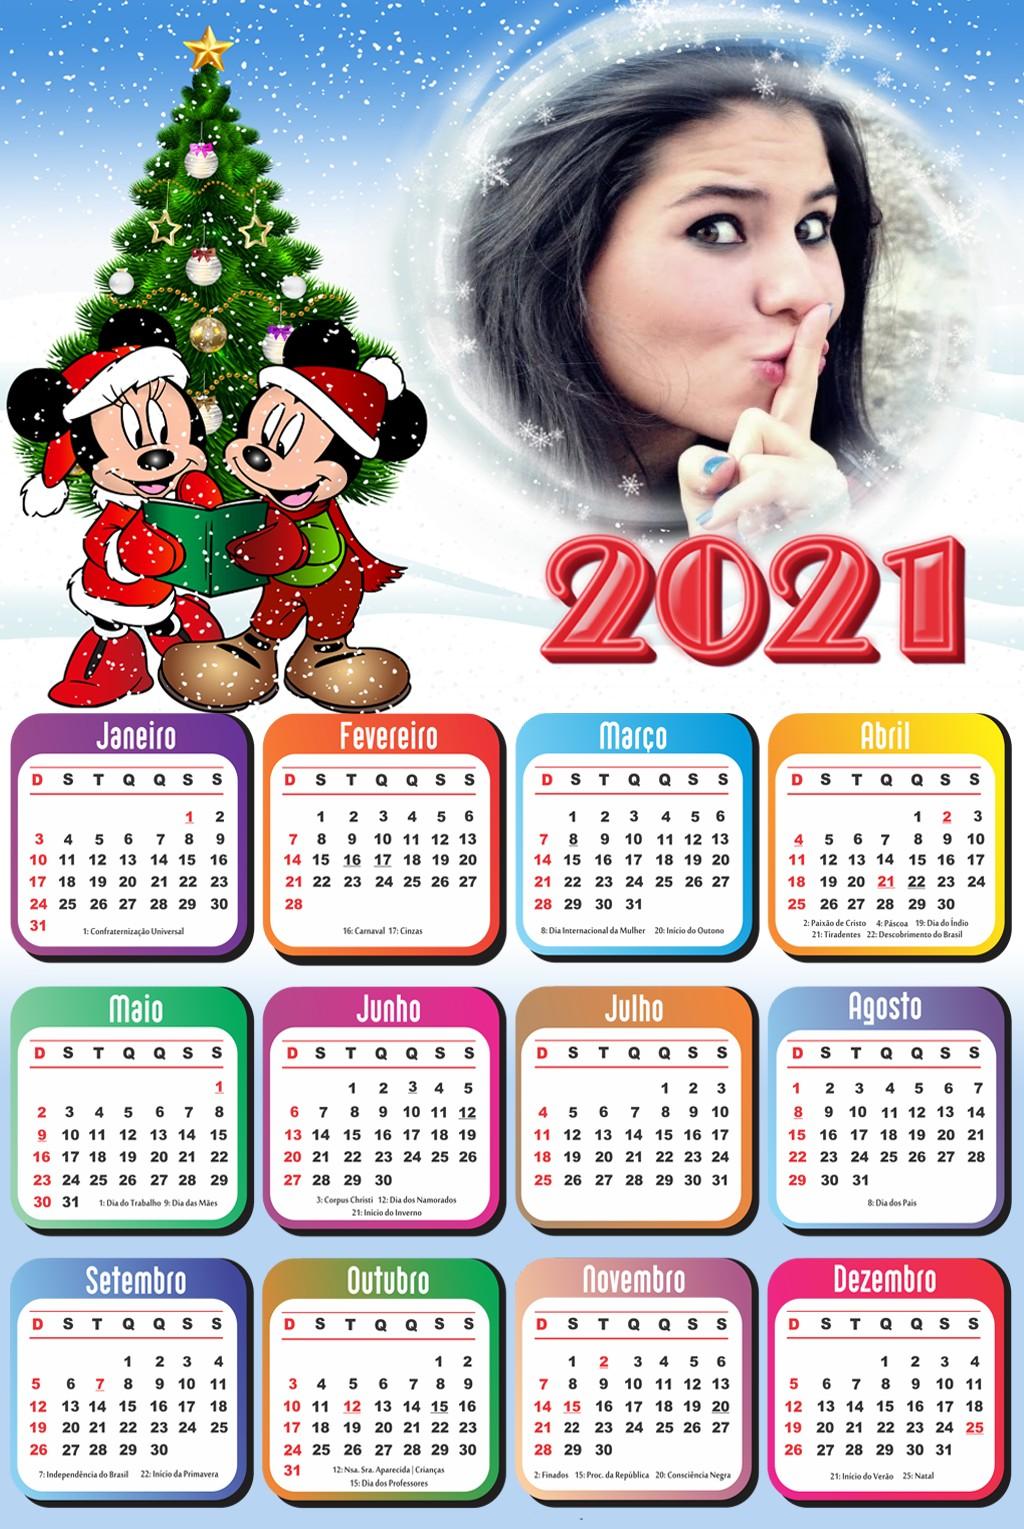 foto-calendario-de-natal-disney-2021